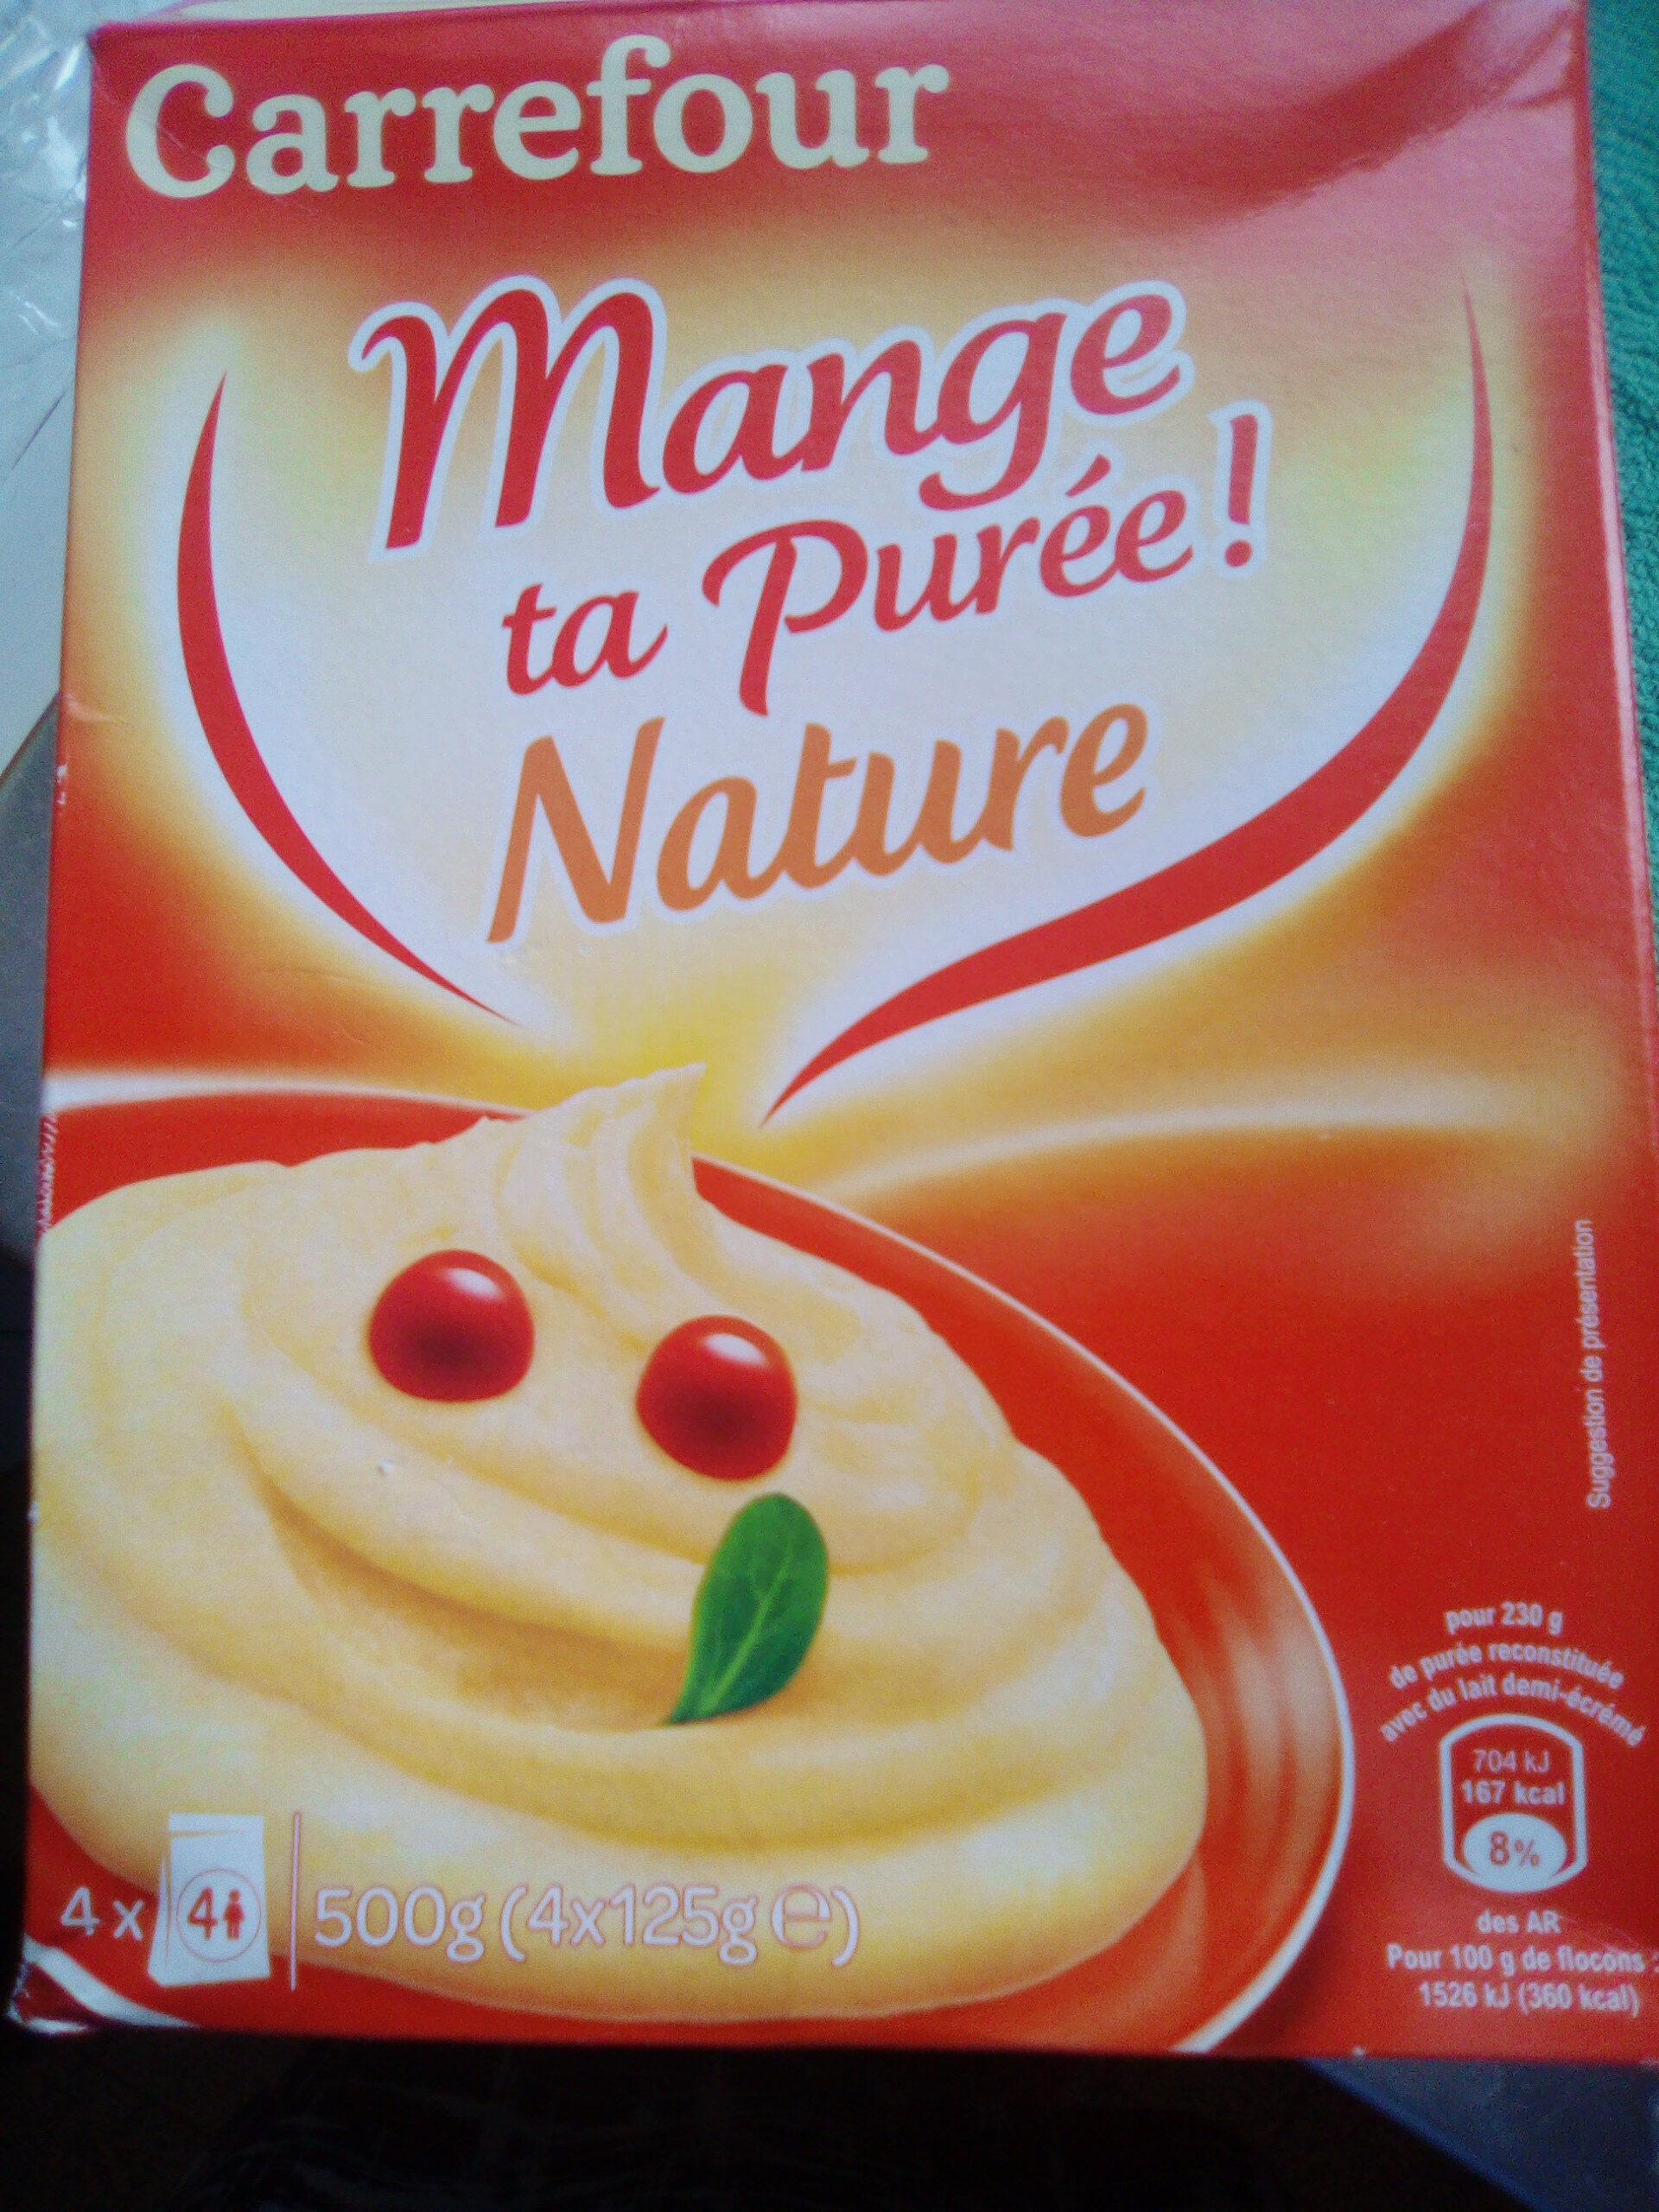 purée nature - Produit - fr